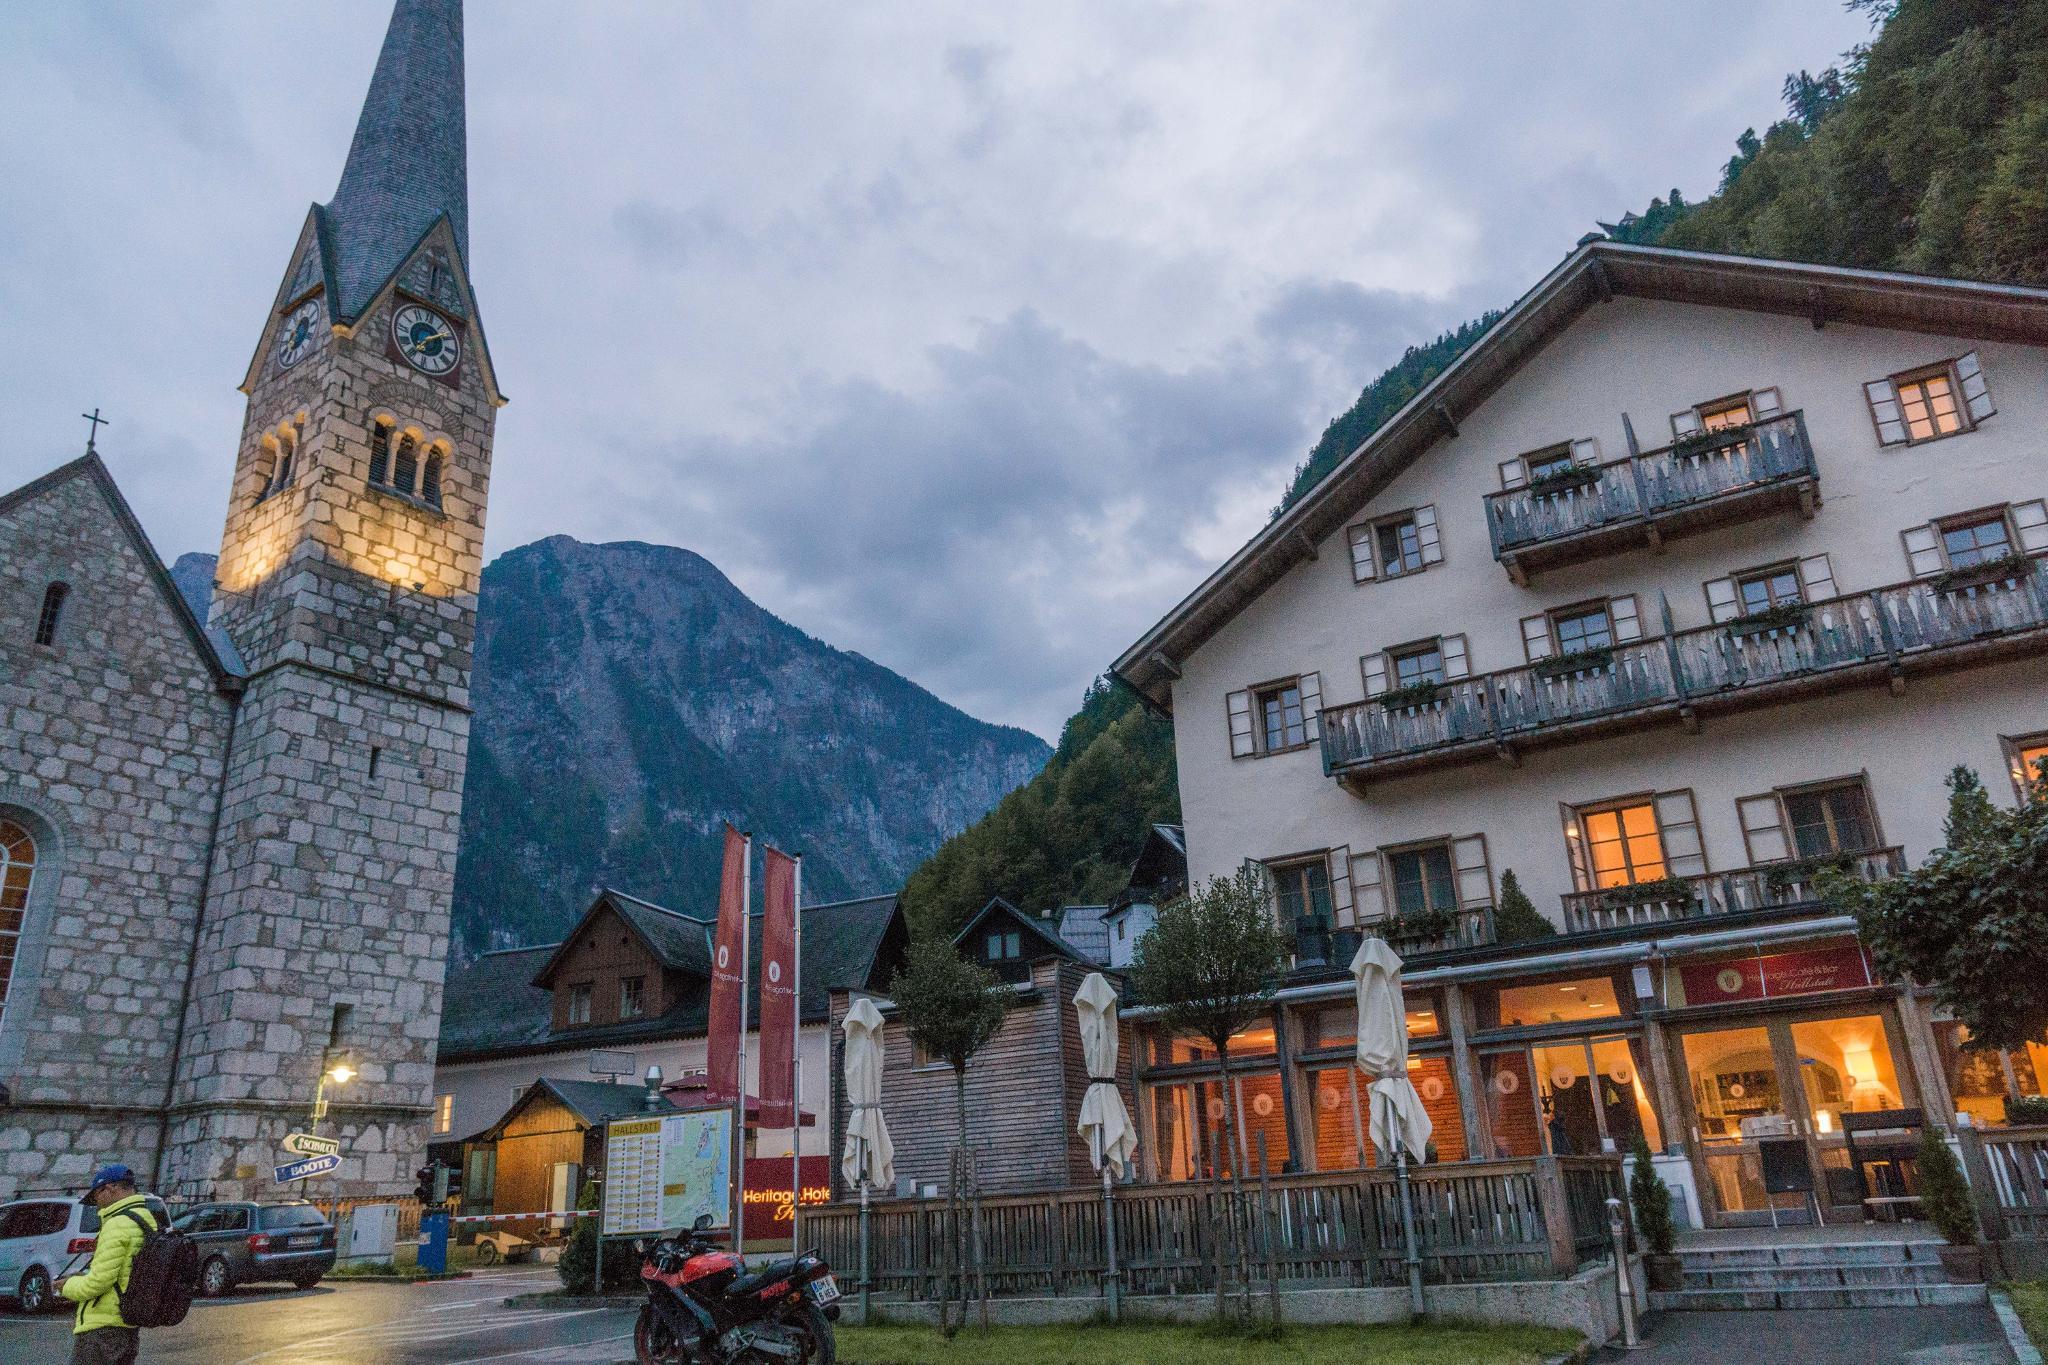 【奧地利】童話仙境 Hallstatt 哈修塔特 — 追逐世界遺產小鎮的夢幻黃金日出 43